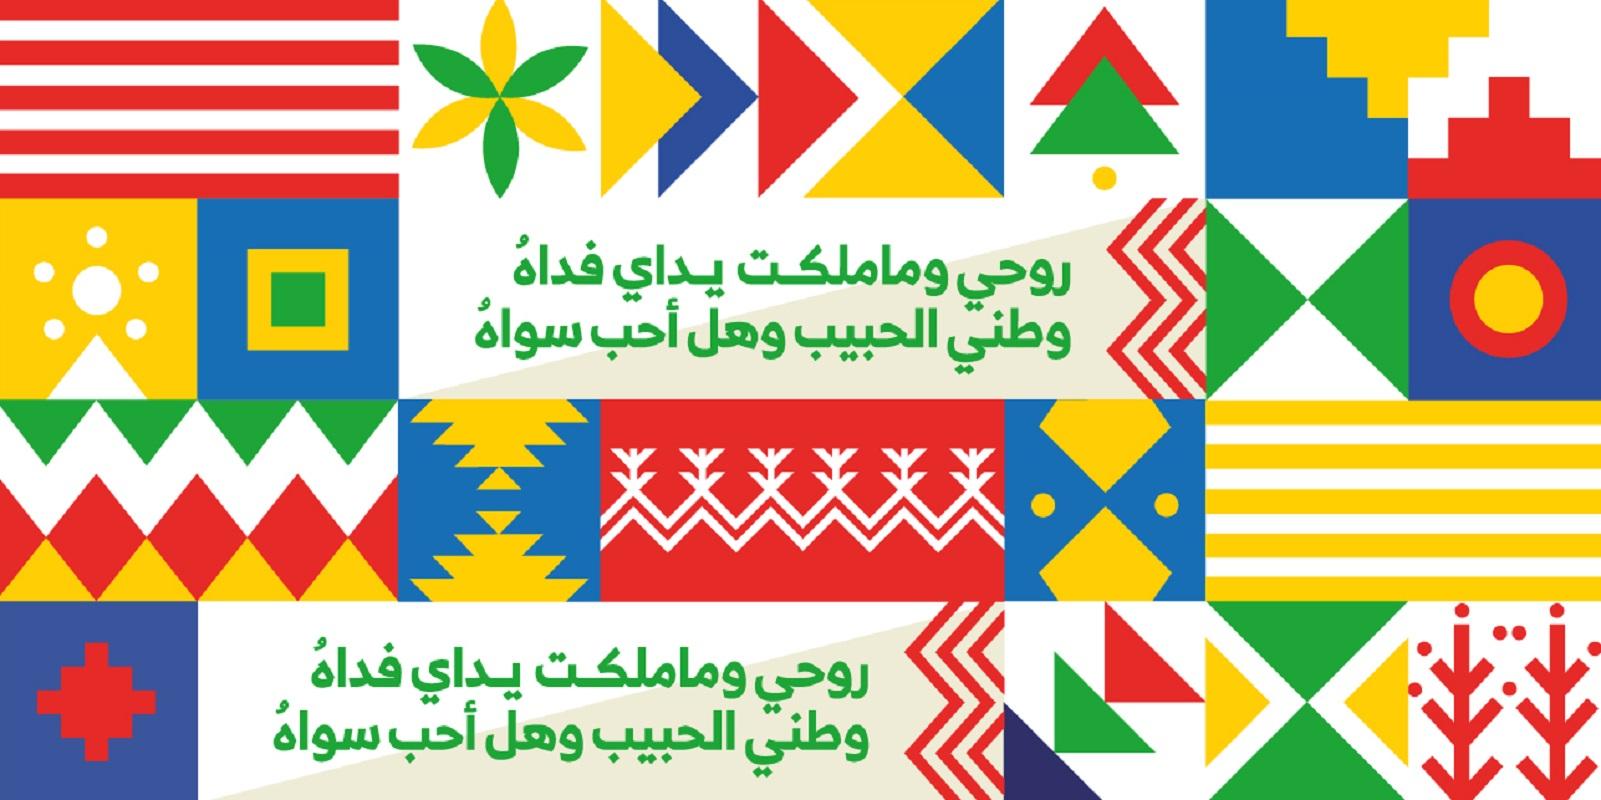 رمزيات-اليوم-الوطني-السعودي